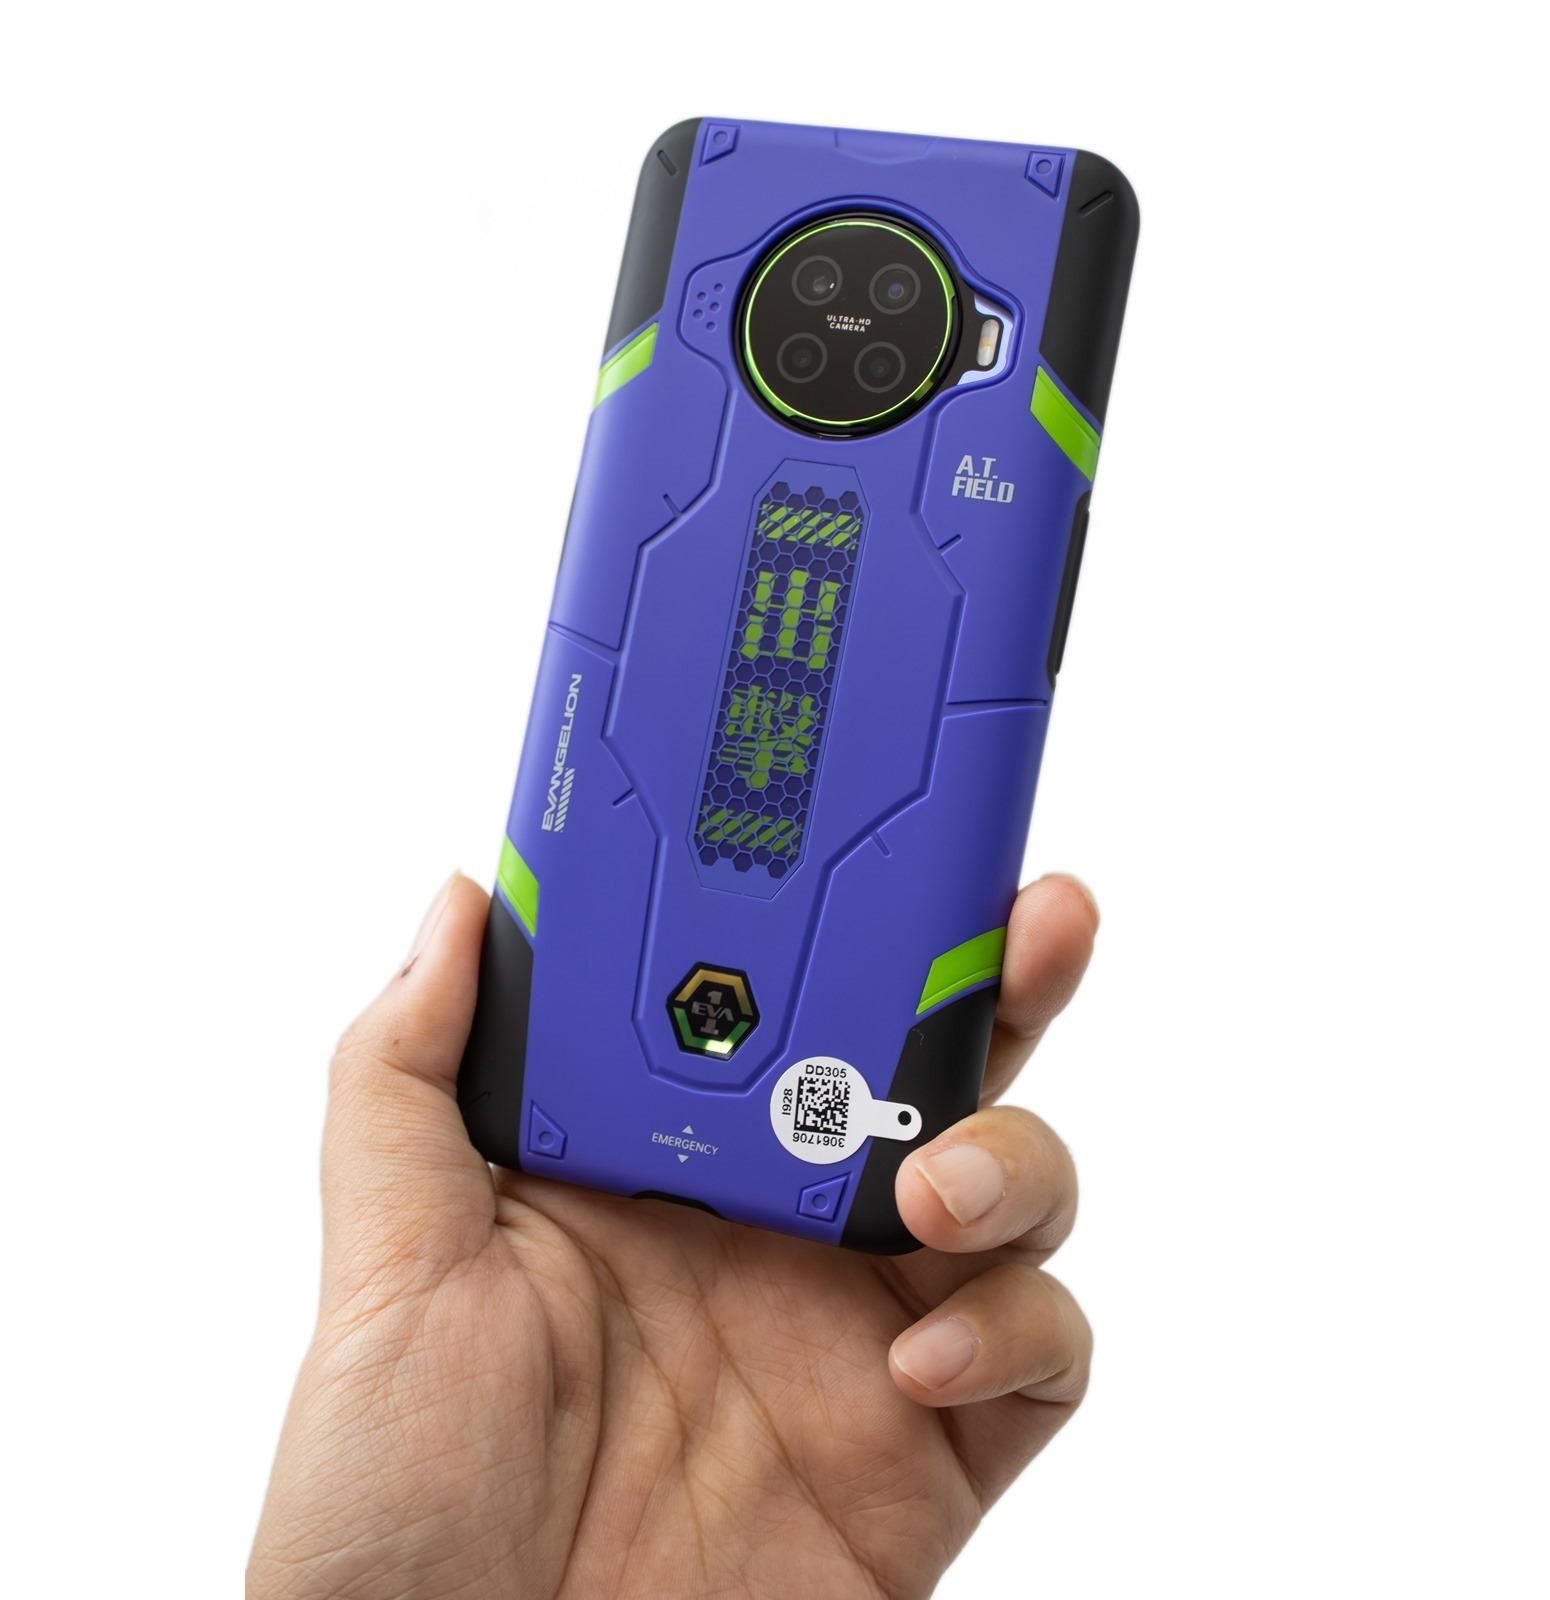 超有誠意 OPPO Reno ACE2 新世紀福音戰士限定版 (1) 全球限量一萬台開箱分享(圖多注意)還有無線充電器 @3C 達人廖阿輝